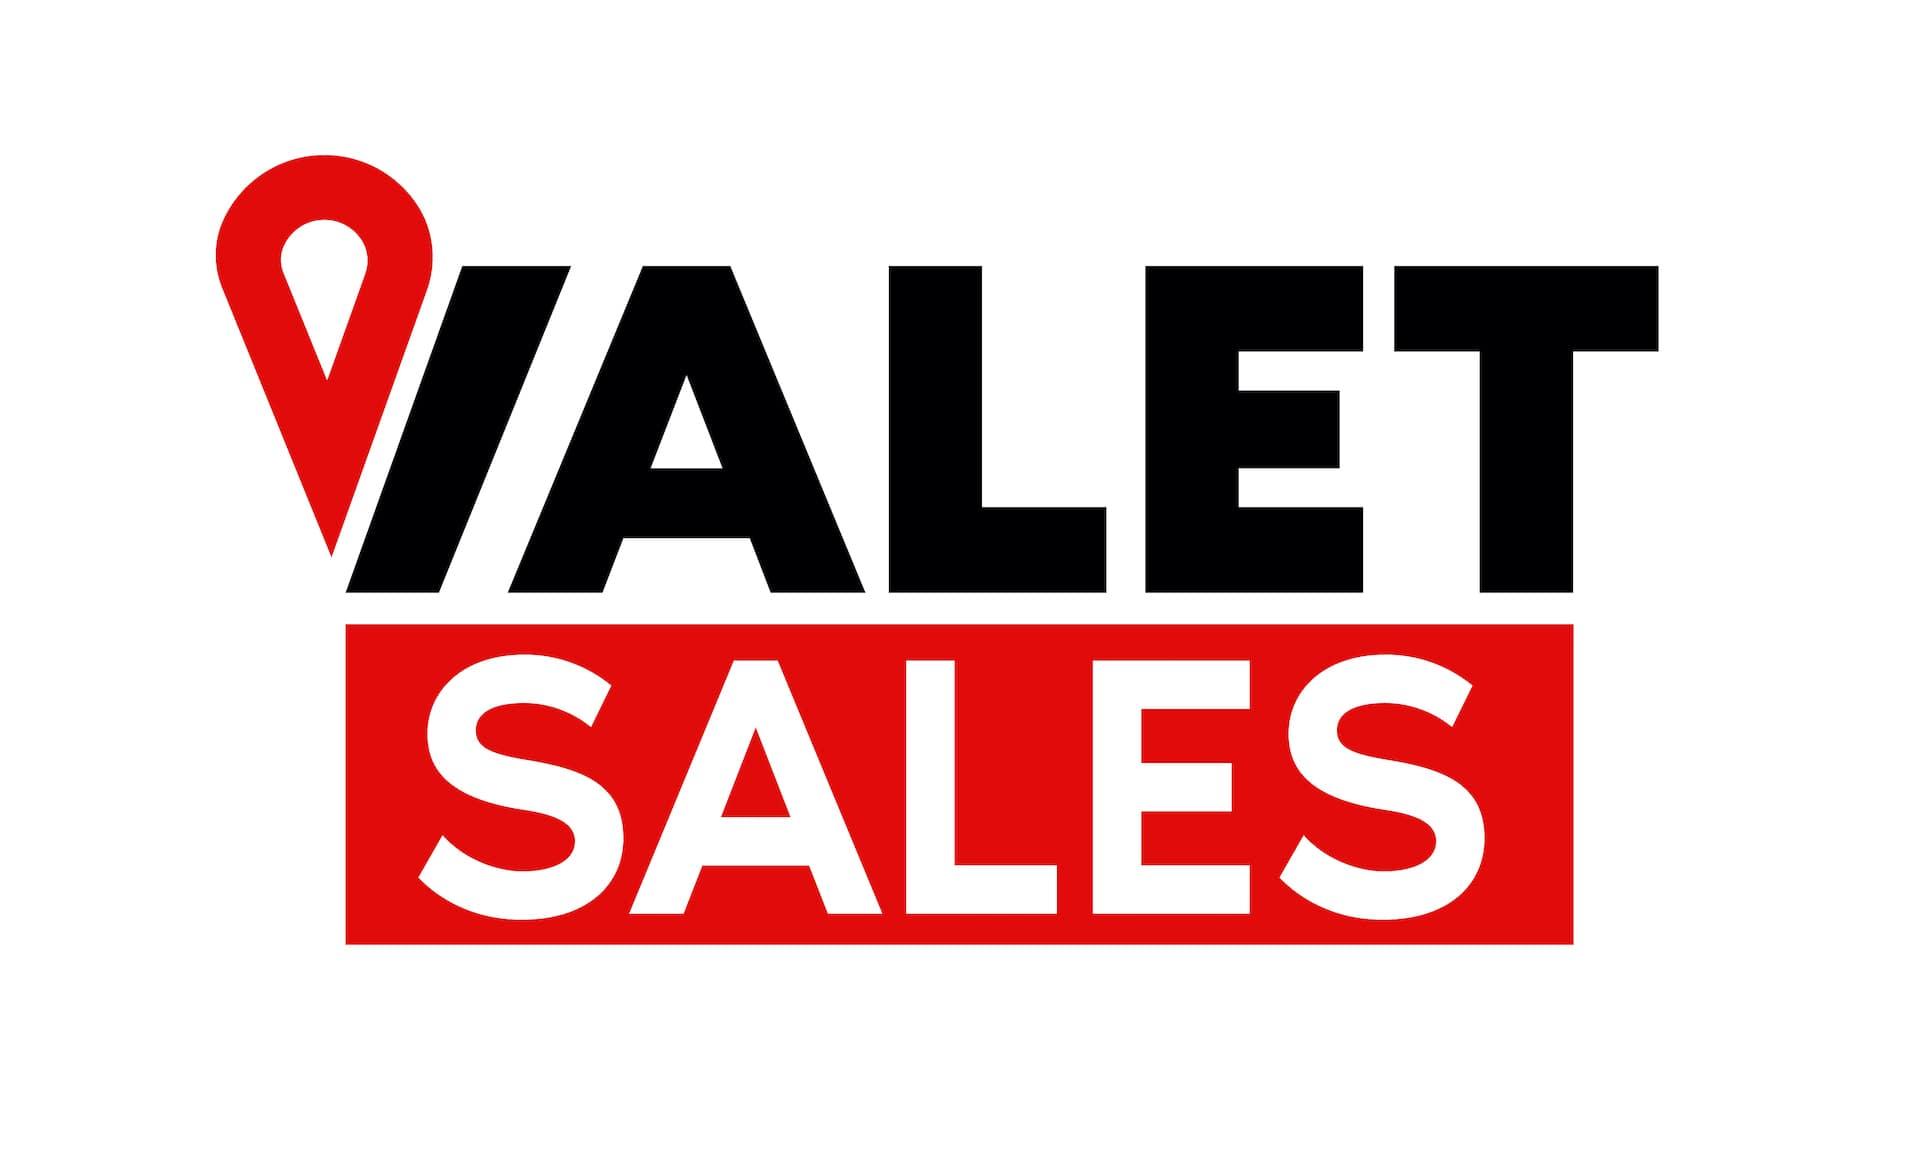 valet sales